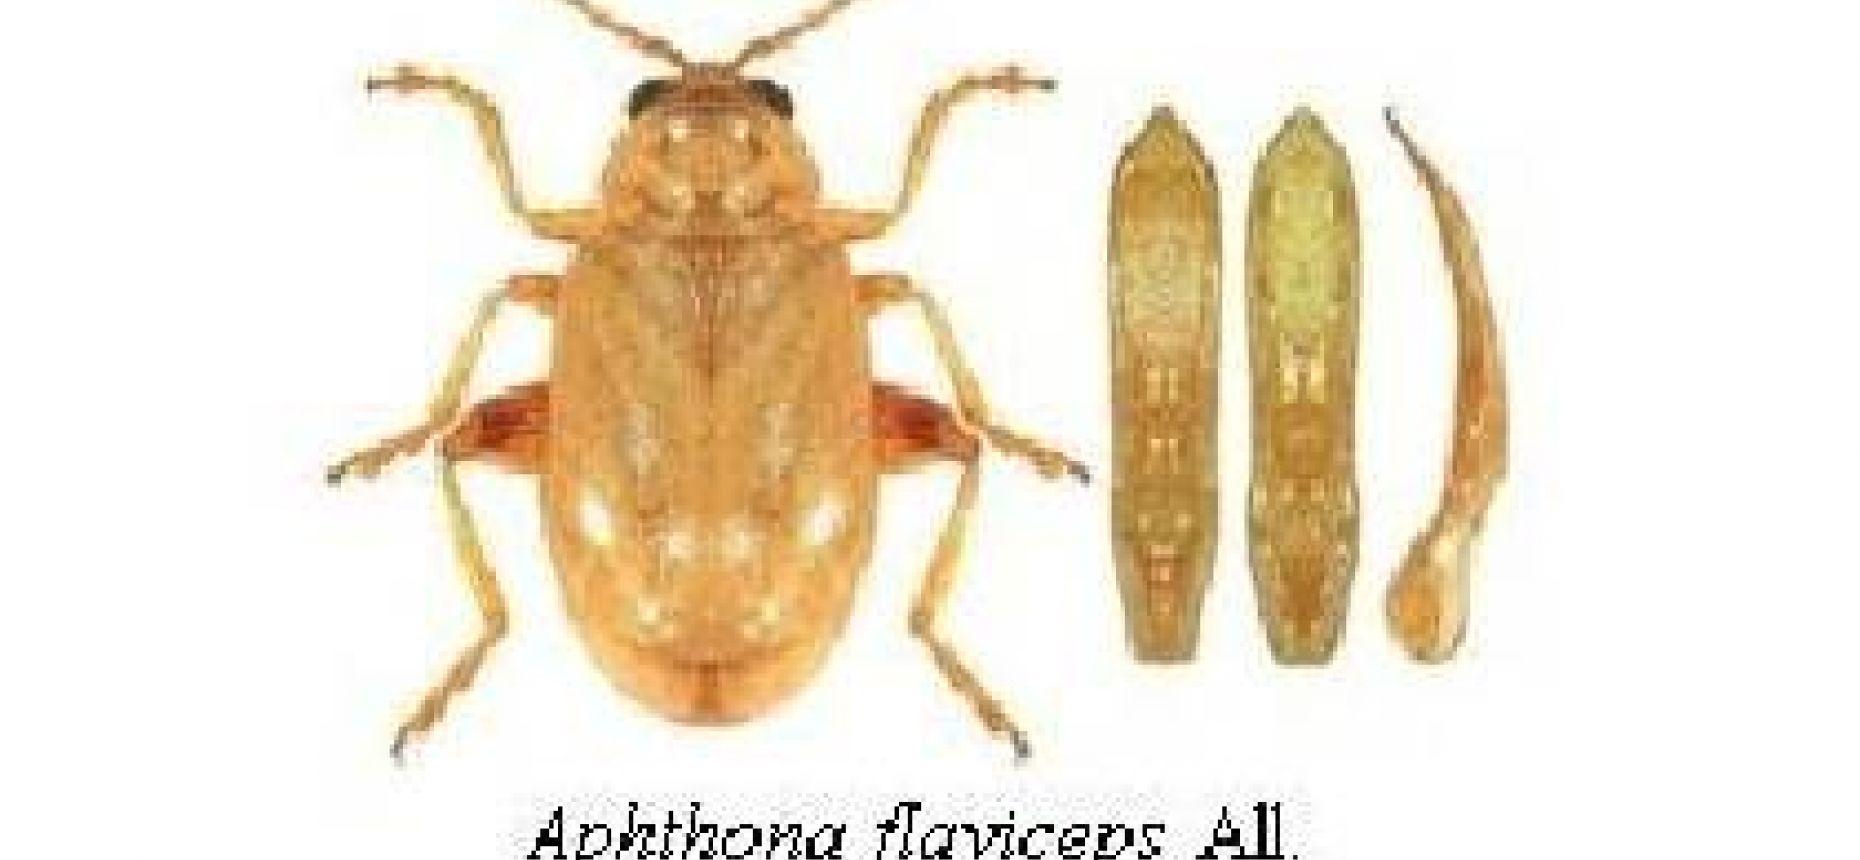 Льняные блошки (синяя льняная блоха, коричневая льняная блоха, черная льняная блоха) - Aphthona euphorbiae Schrank, Aphthona flaviceps All., Longitarsus parvulus Payk.